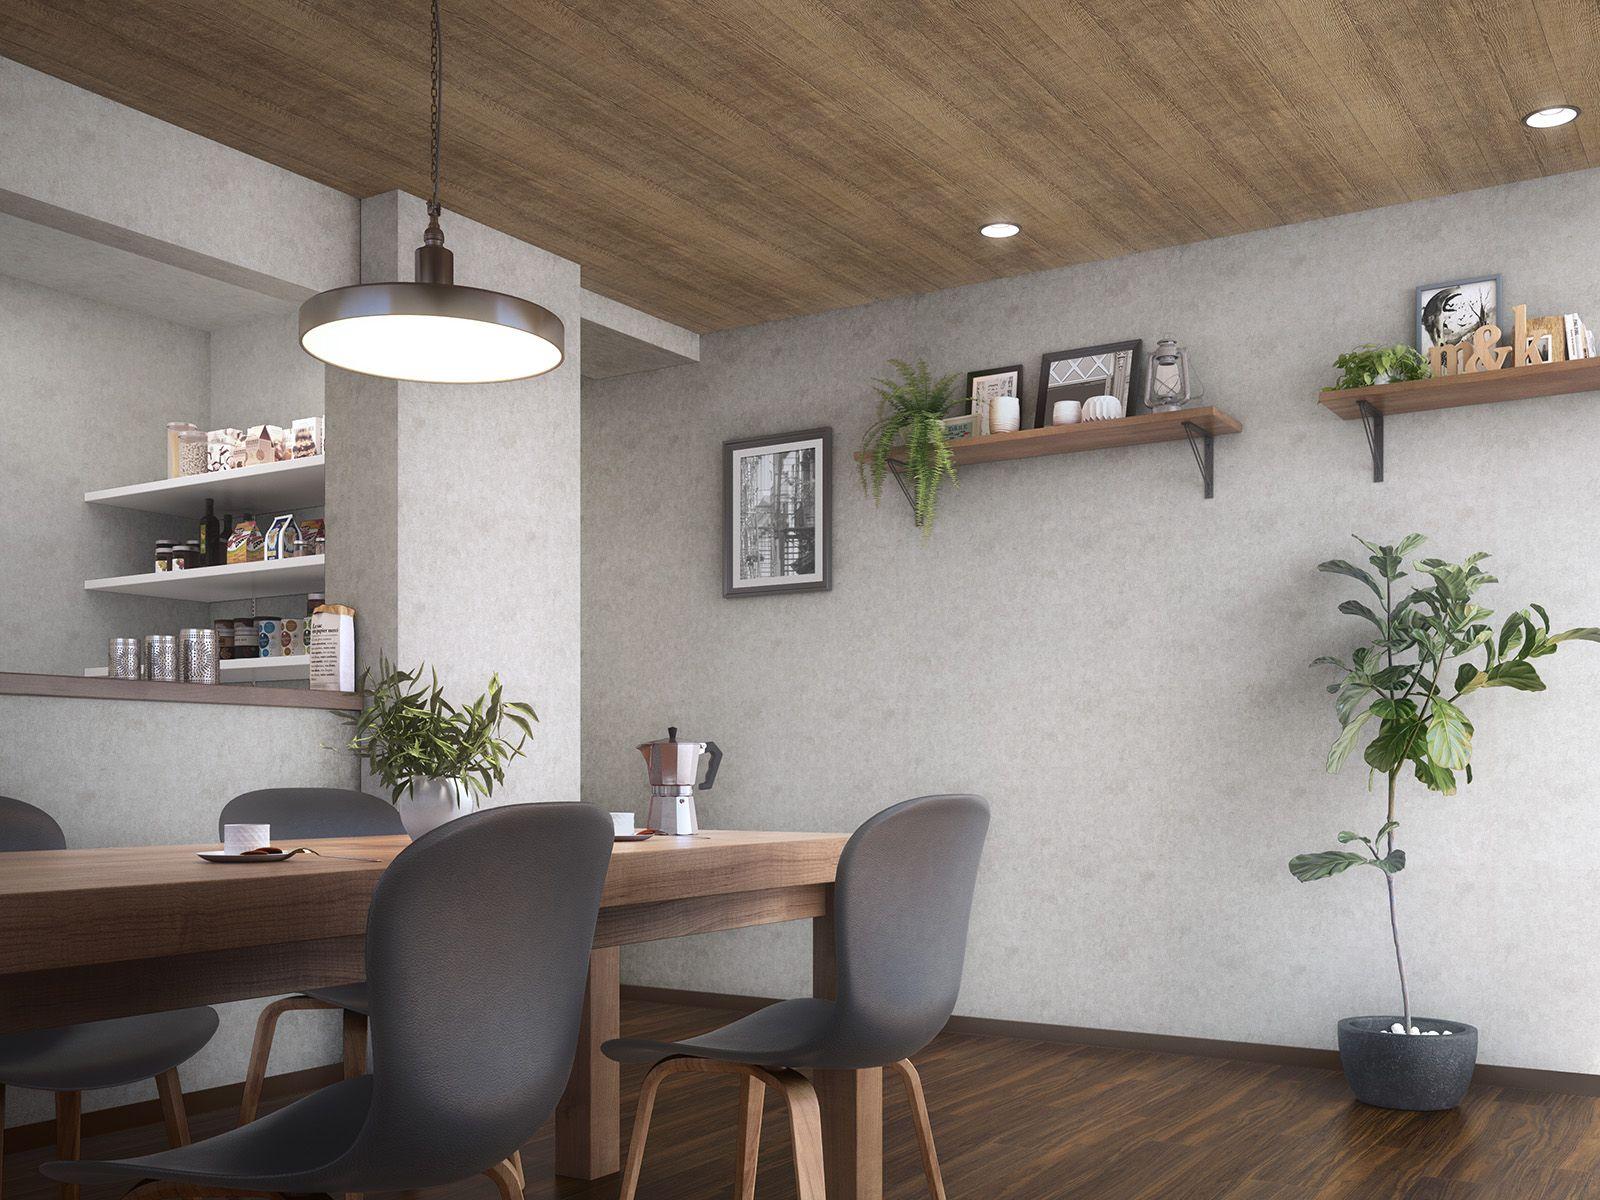 Fe6175 施工例 サンゲツ ホームページ リビング インテリア 部屋壁紙 おしゃれ インテリア 家具